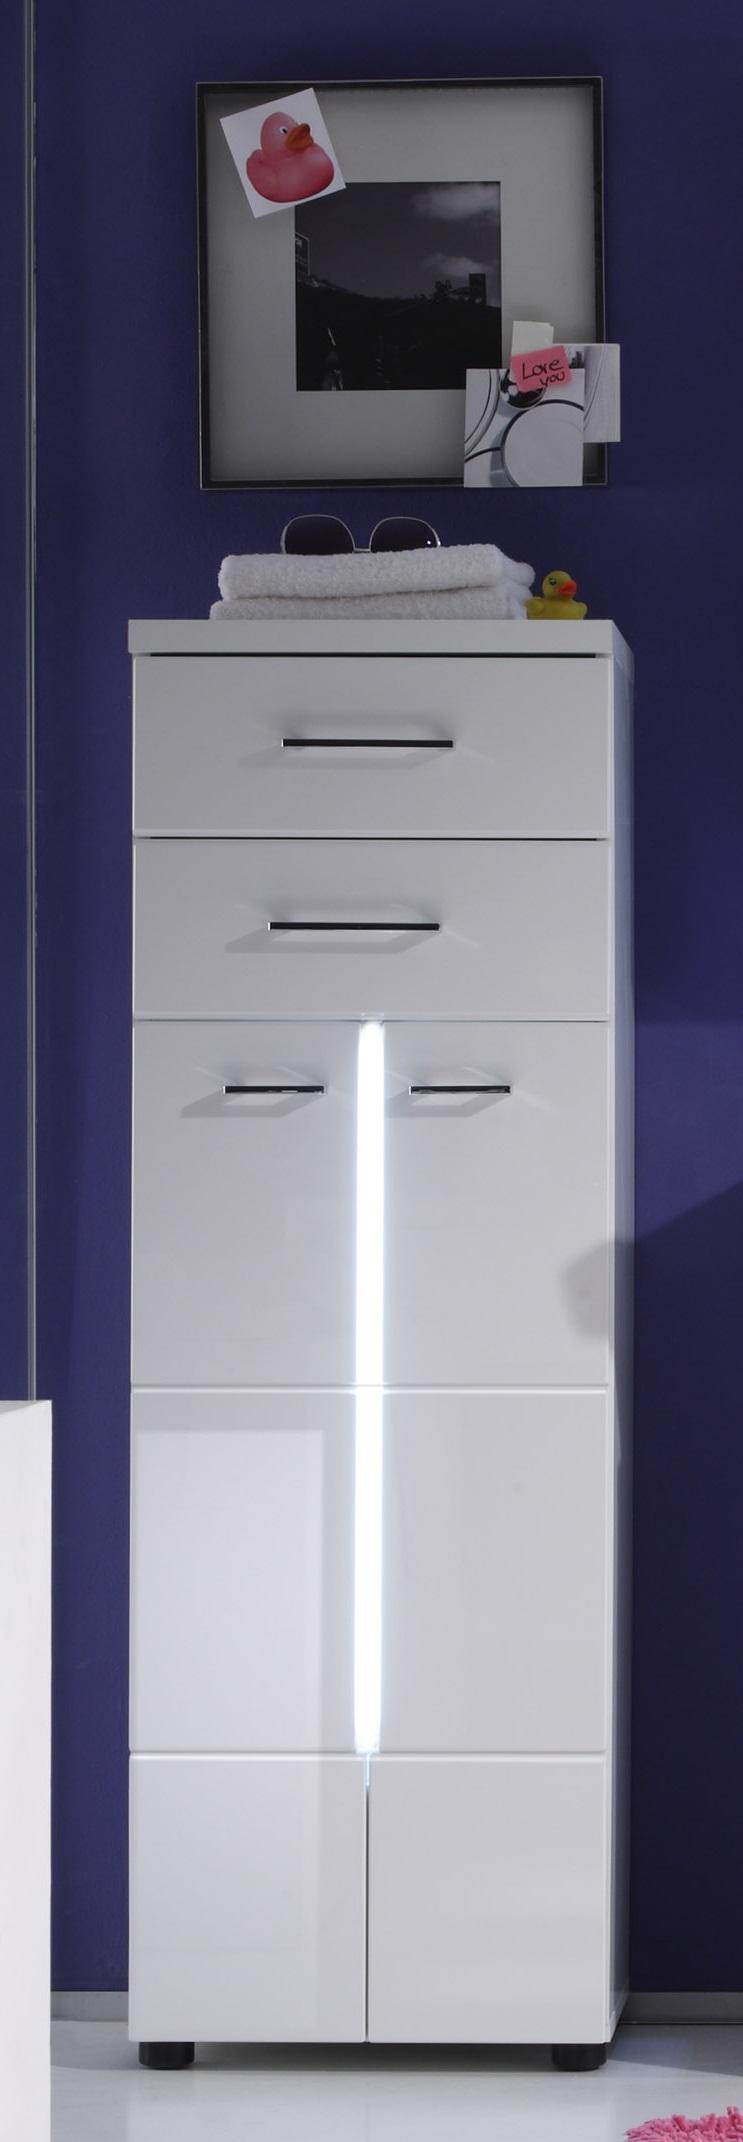 Meuble de salle de bain design blanc 2 portes/2 tiroirs avec éclairage Blondie